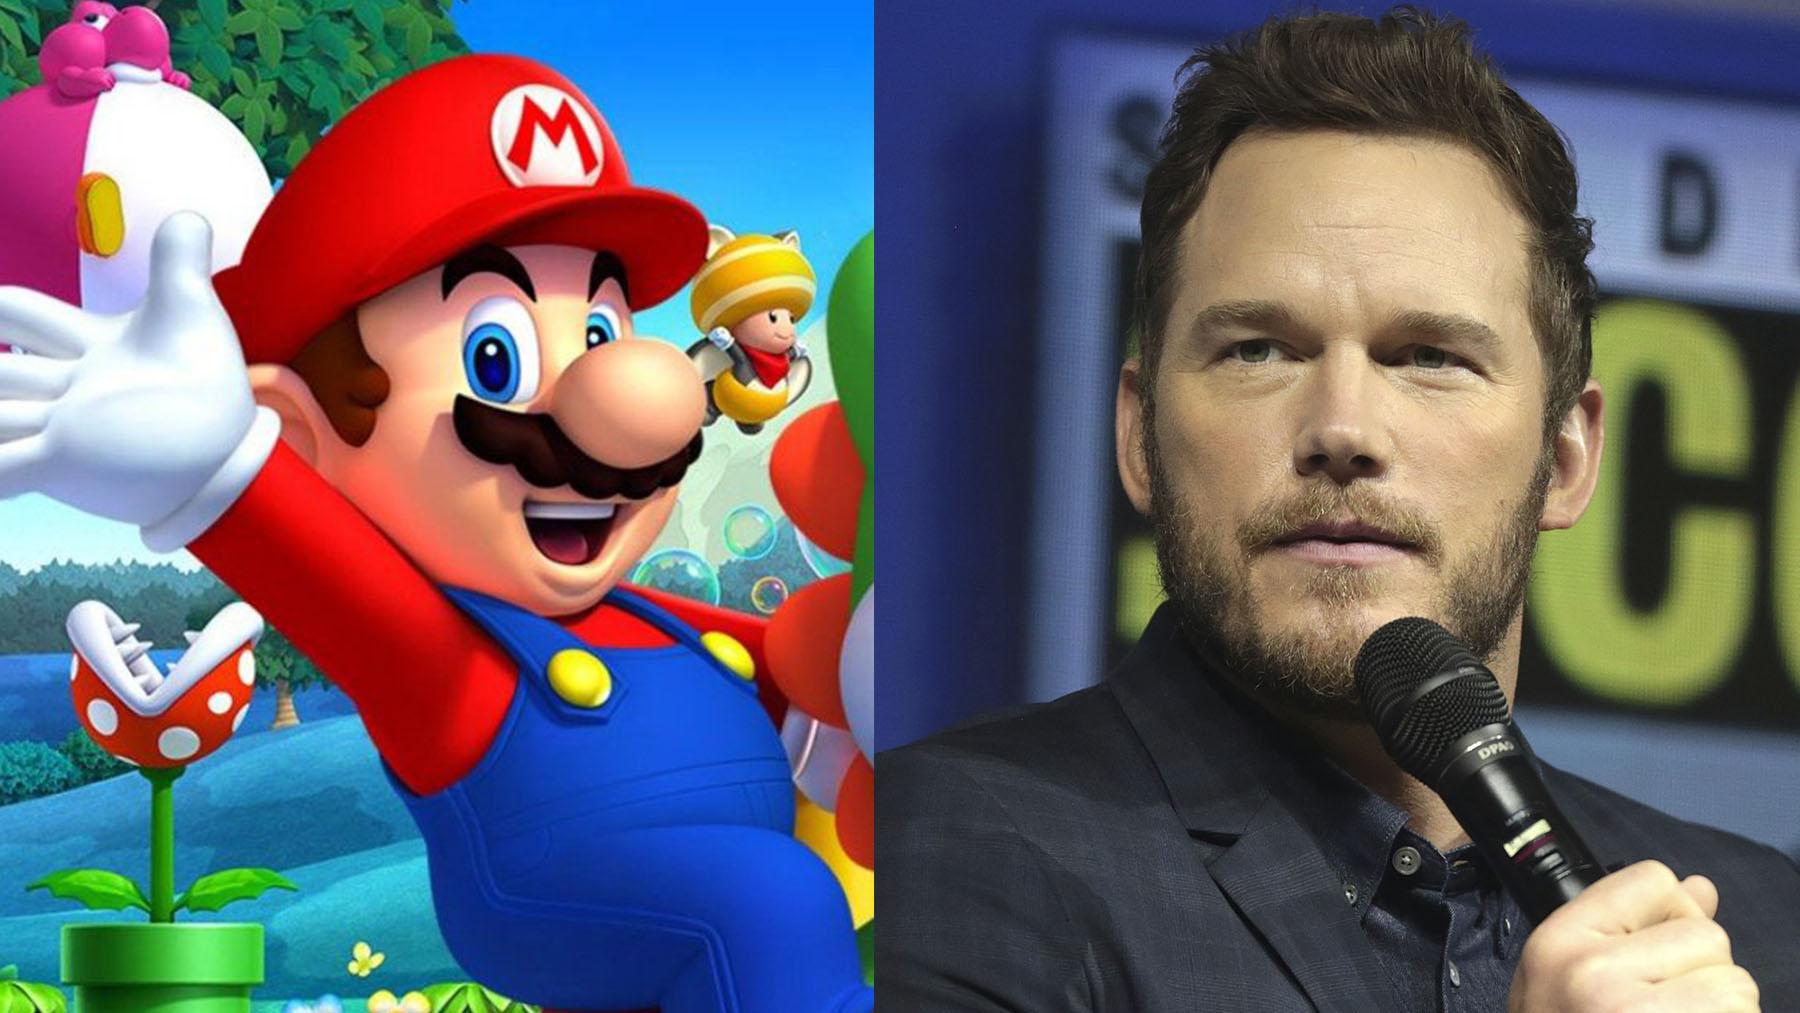 Chris Pratt pondrá su voz a Mario en la película animada